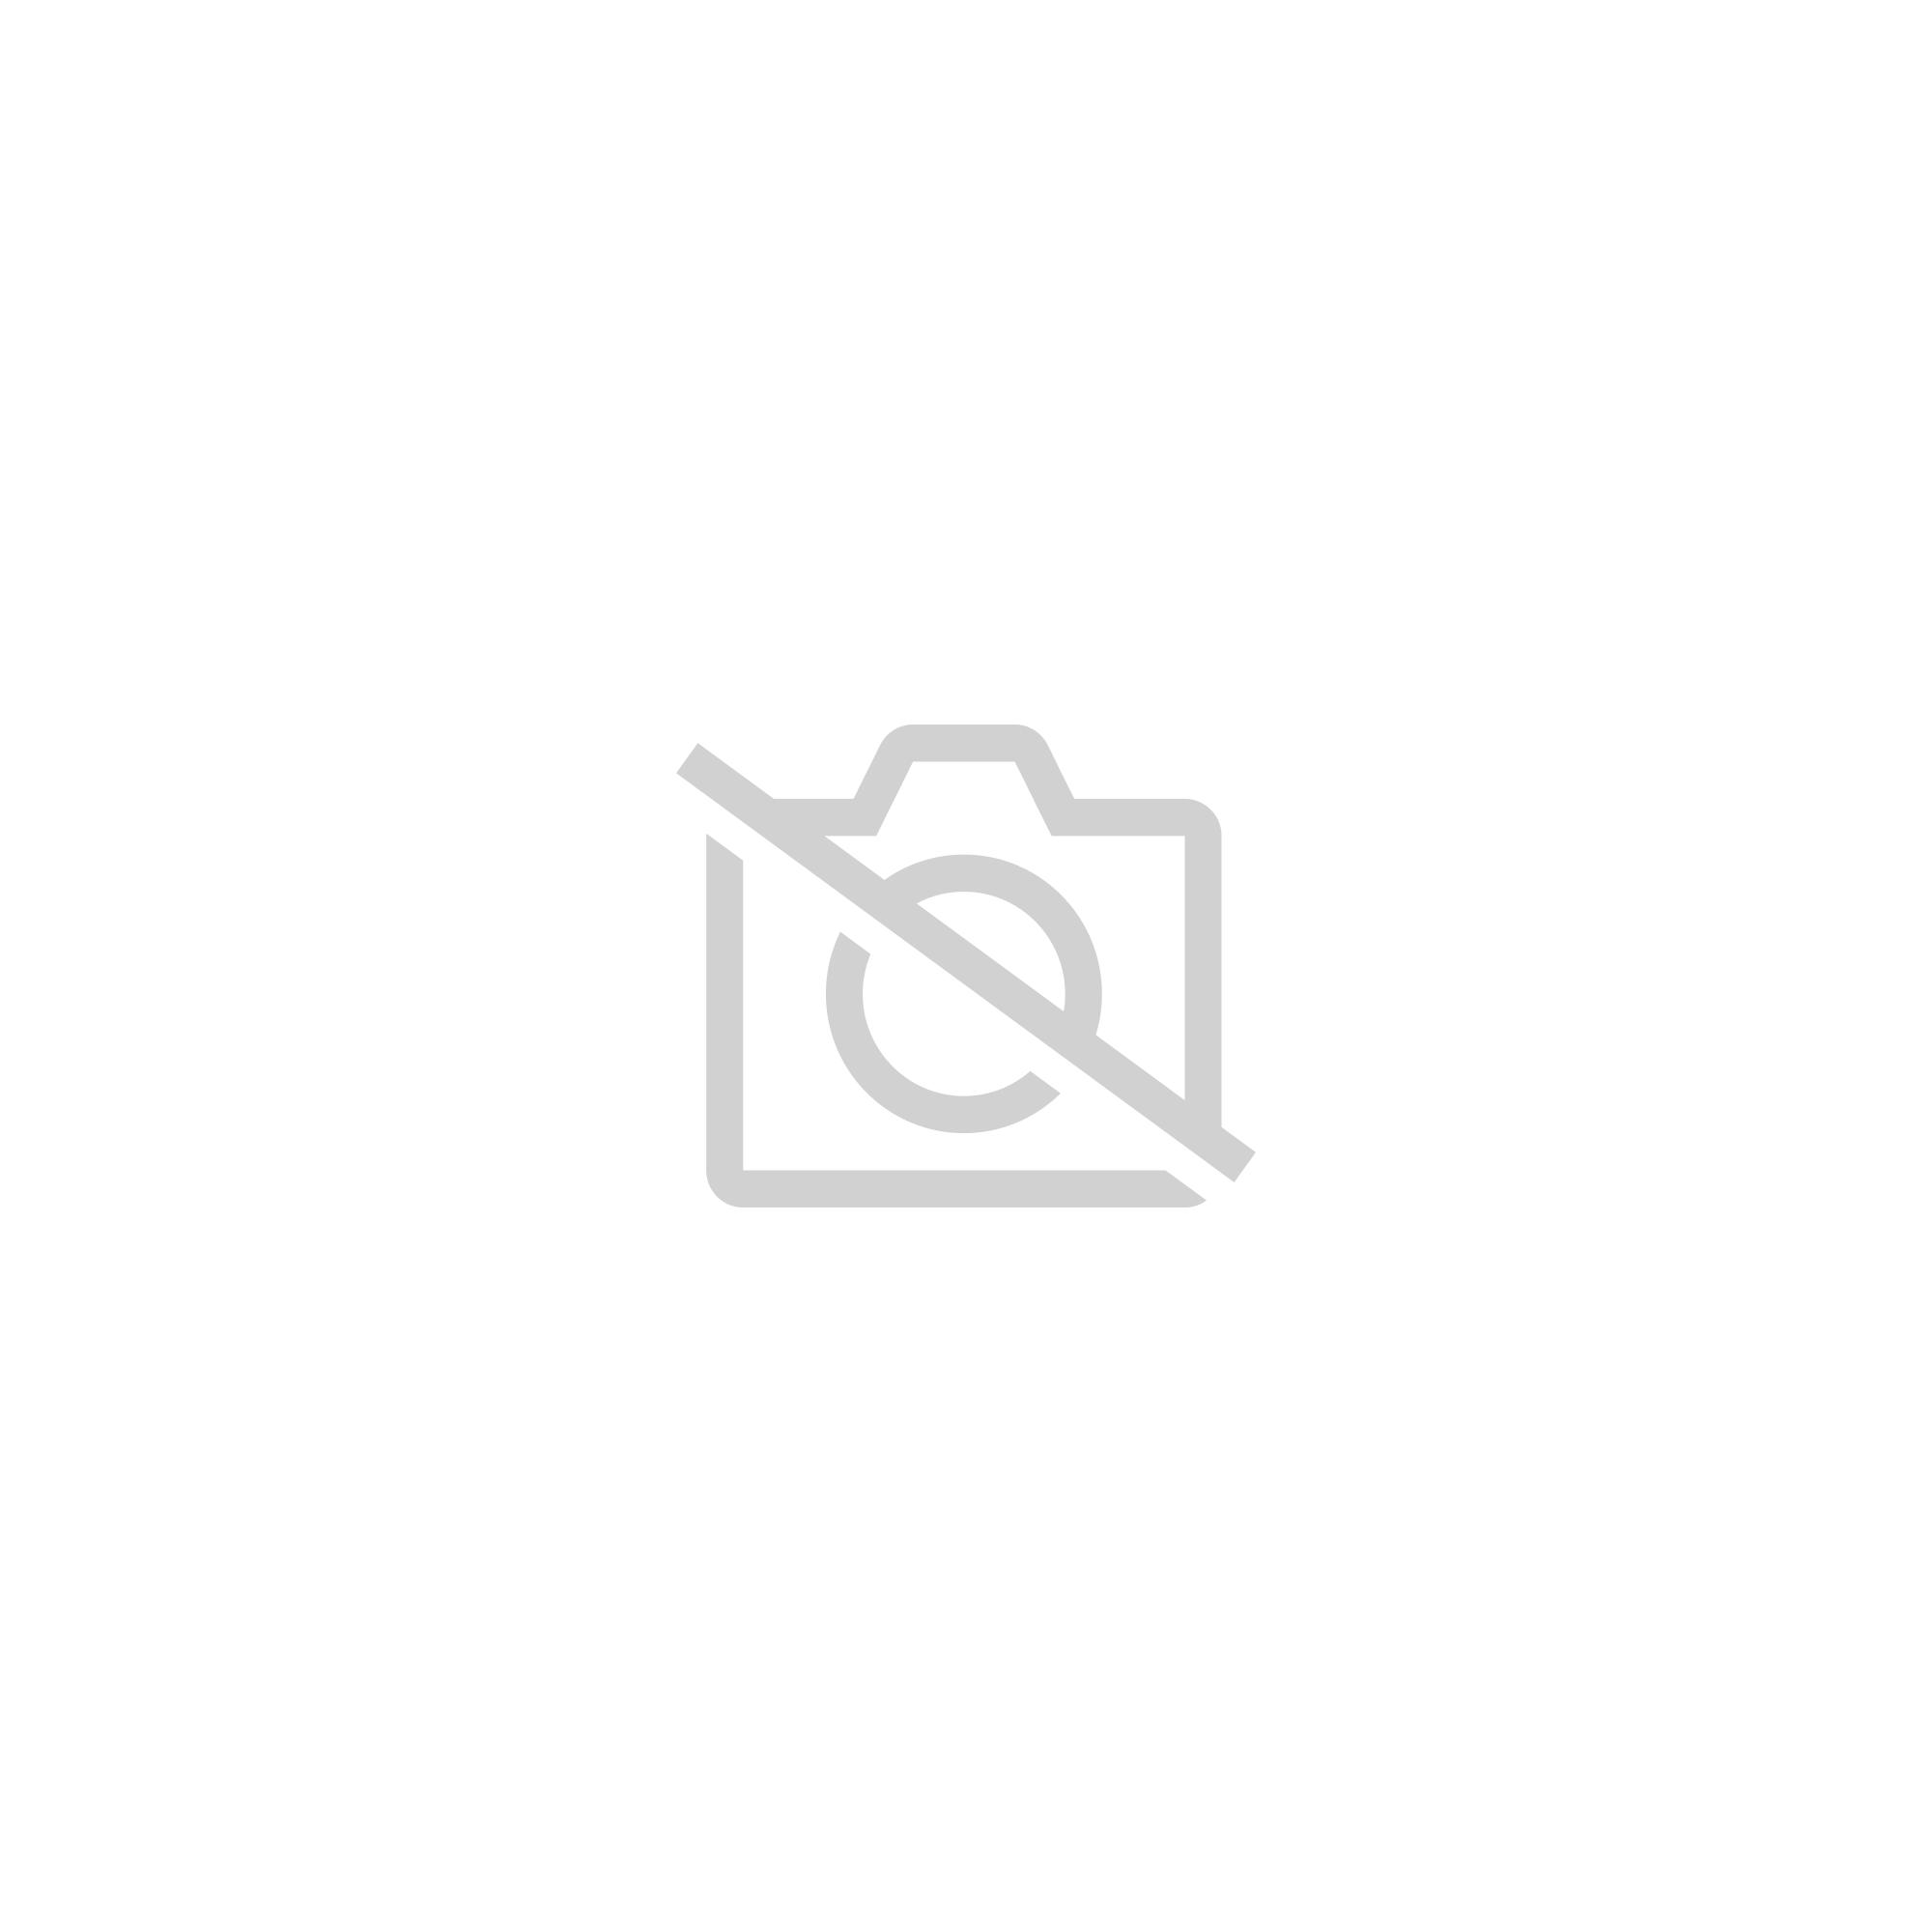 Table De Chevet Componibili kartell table de chevet componibili à deux éléments mÉtallisÉs precious  collection (cuivre - abs métallisé)